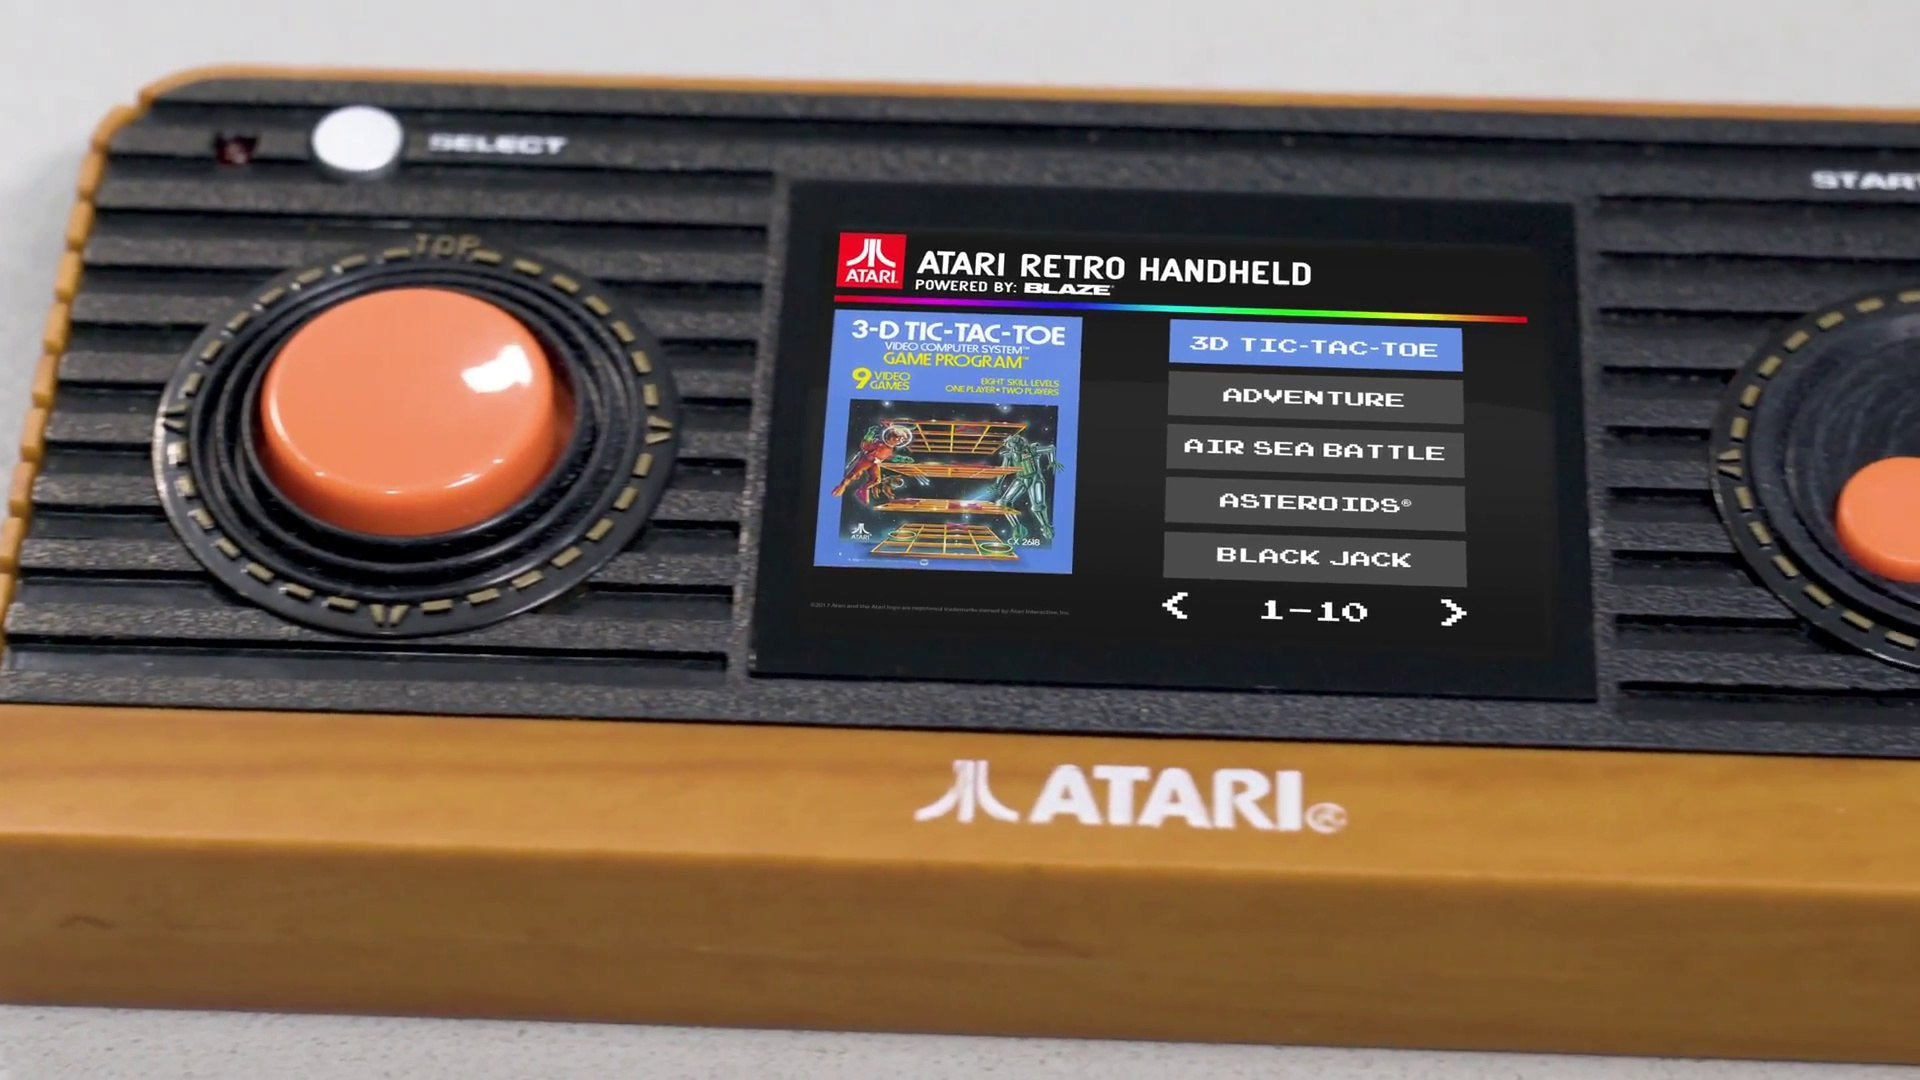 Atari Retro, la nueva consola portátil Atari 2600 con 50 juegos